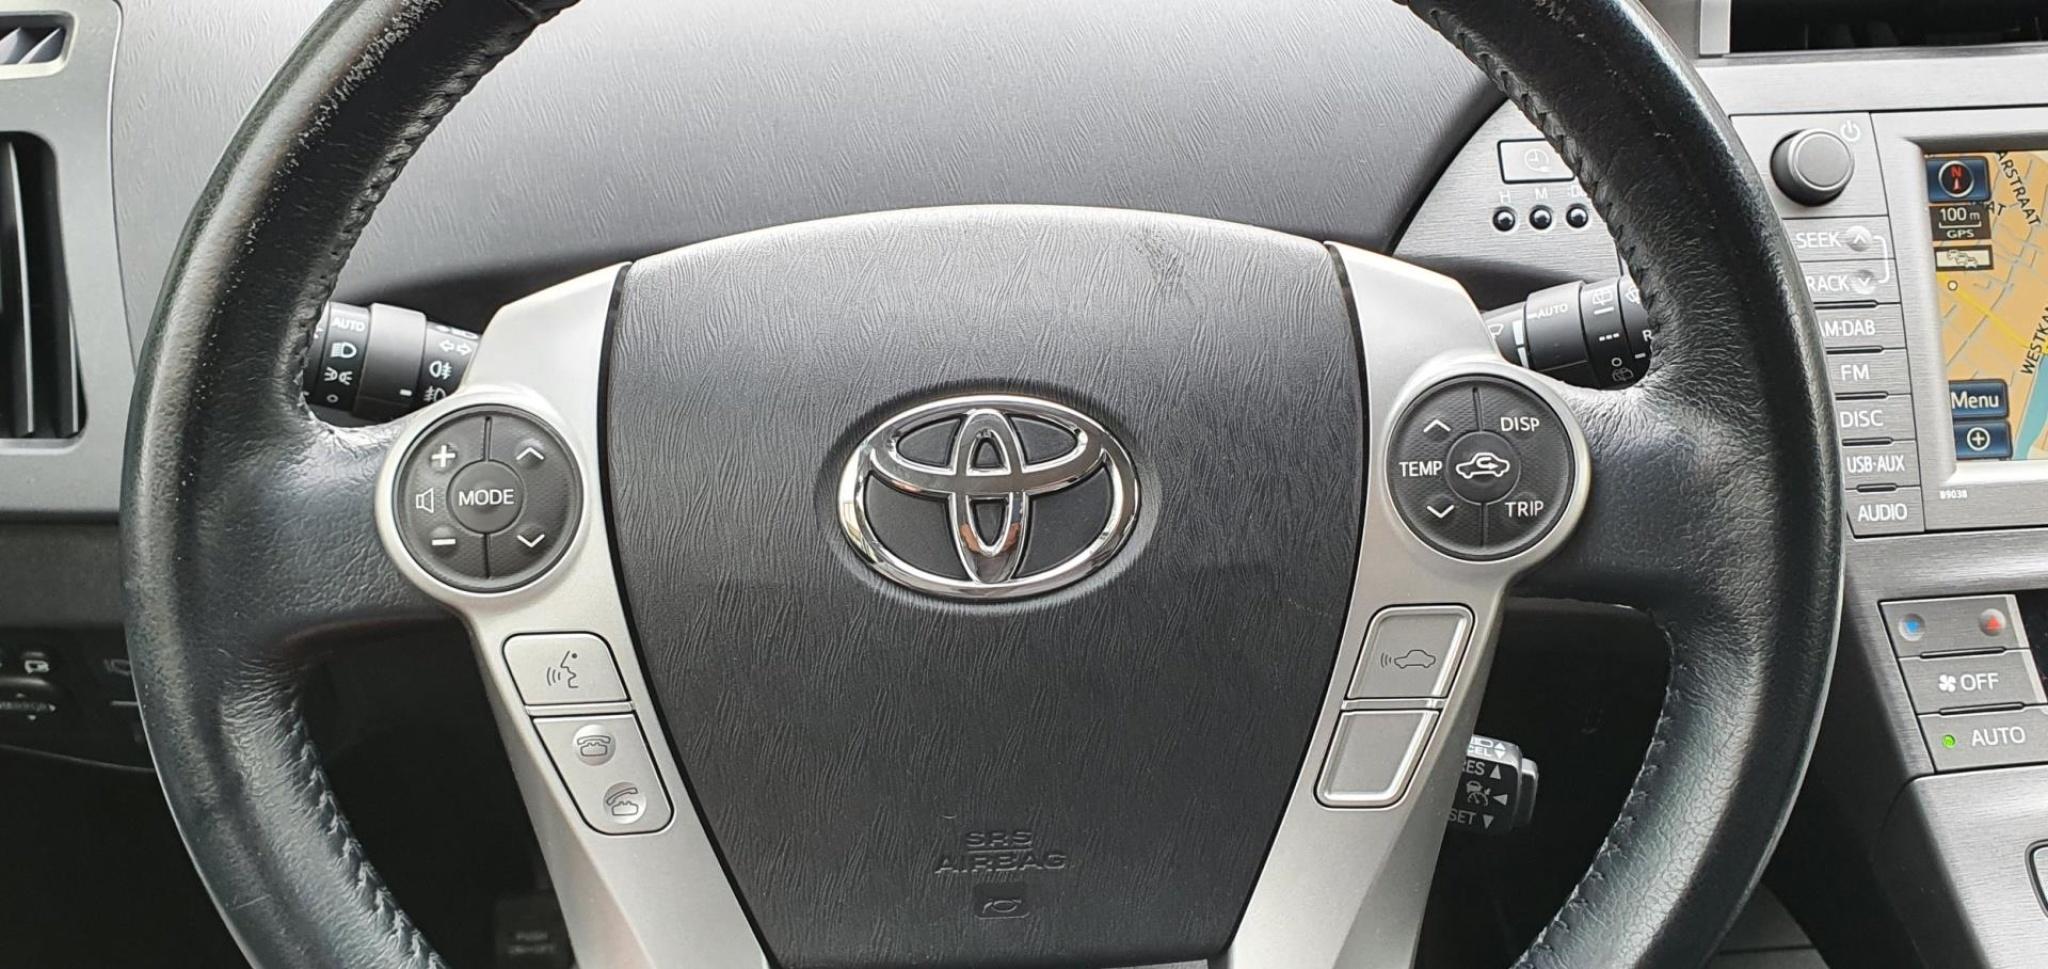 Toyota-Prius-18